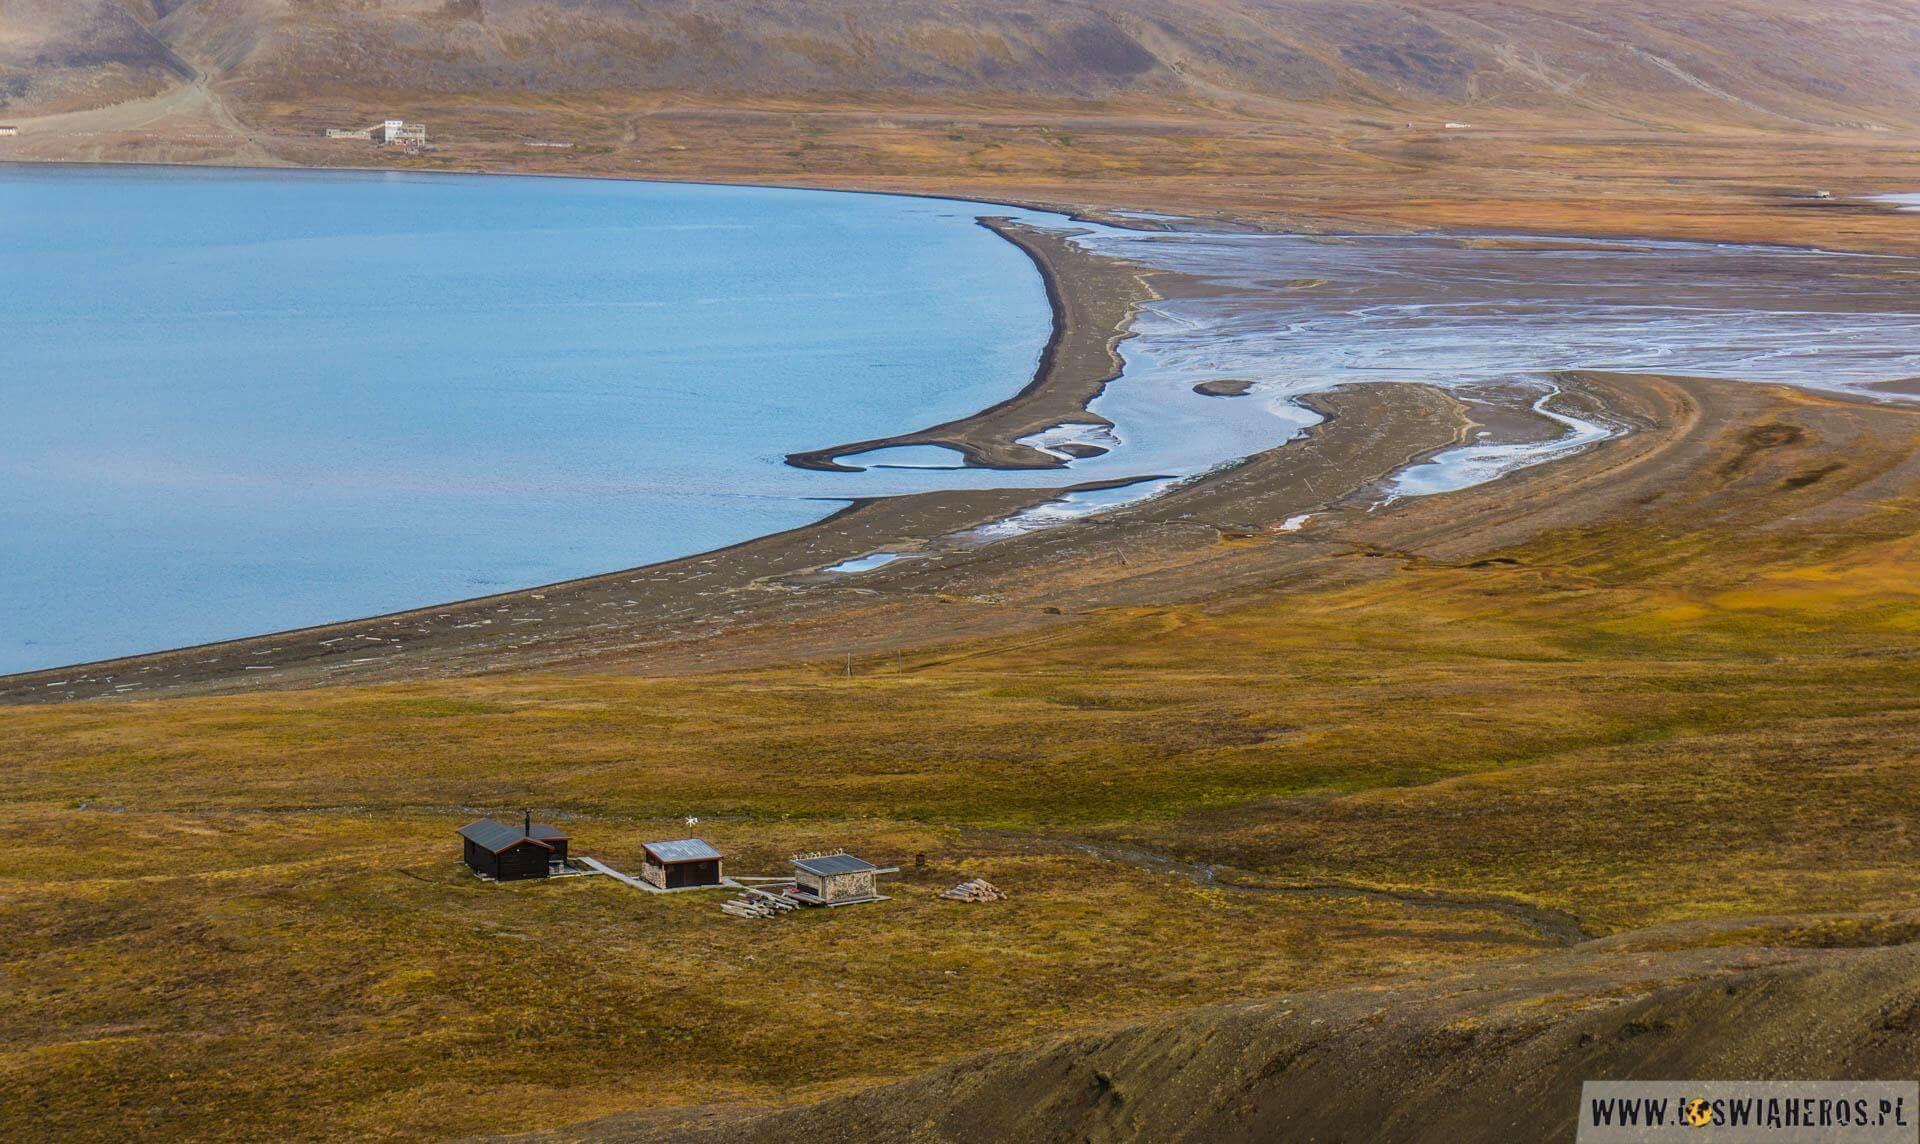 Delta arktycznej rzeczki. Przejście odcinka odtych domków udołu zdjęcia, dotych podrugiej stronie bagnistej delty zajęło nam ponad 3 godziny. Tobył jeden ztrudniejszych momentów wtym trekingu, bo ani torzeka, doprzejścia którejmożna bysię rozebrać, ani mokra tundra, poktórejtrzeba iść poprostu szybko, aby nas niezassało.